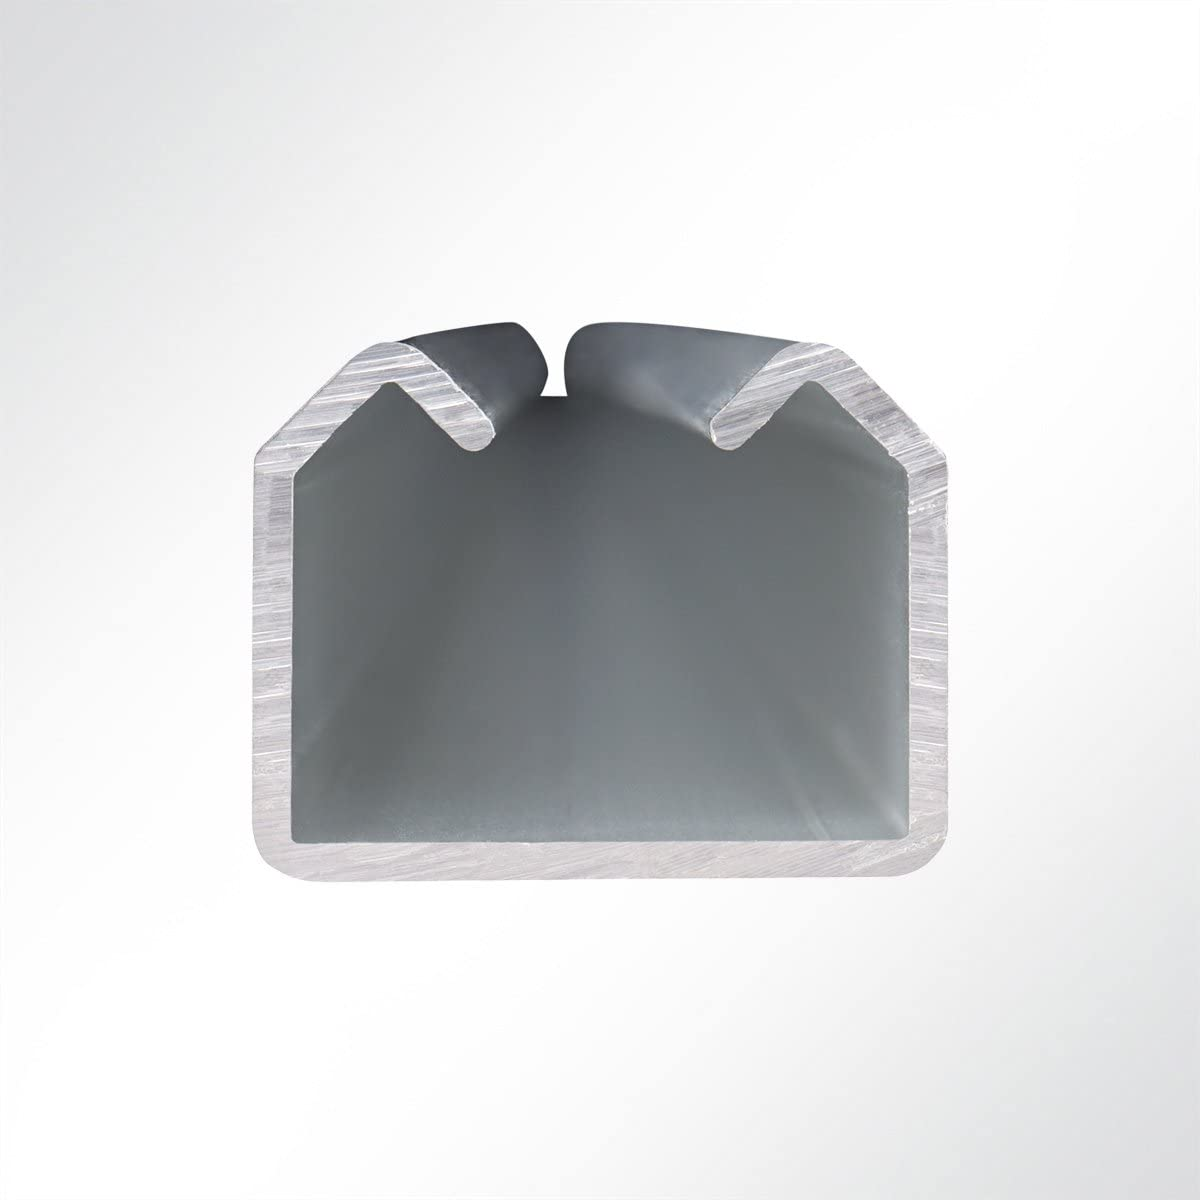 LYSEL Laufschiene verzinkt 42x54mm bis 450 Kg Schiebetor Schiebet/ür Hallentor 2 Meter